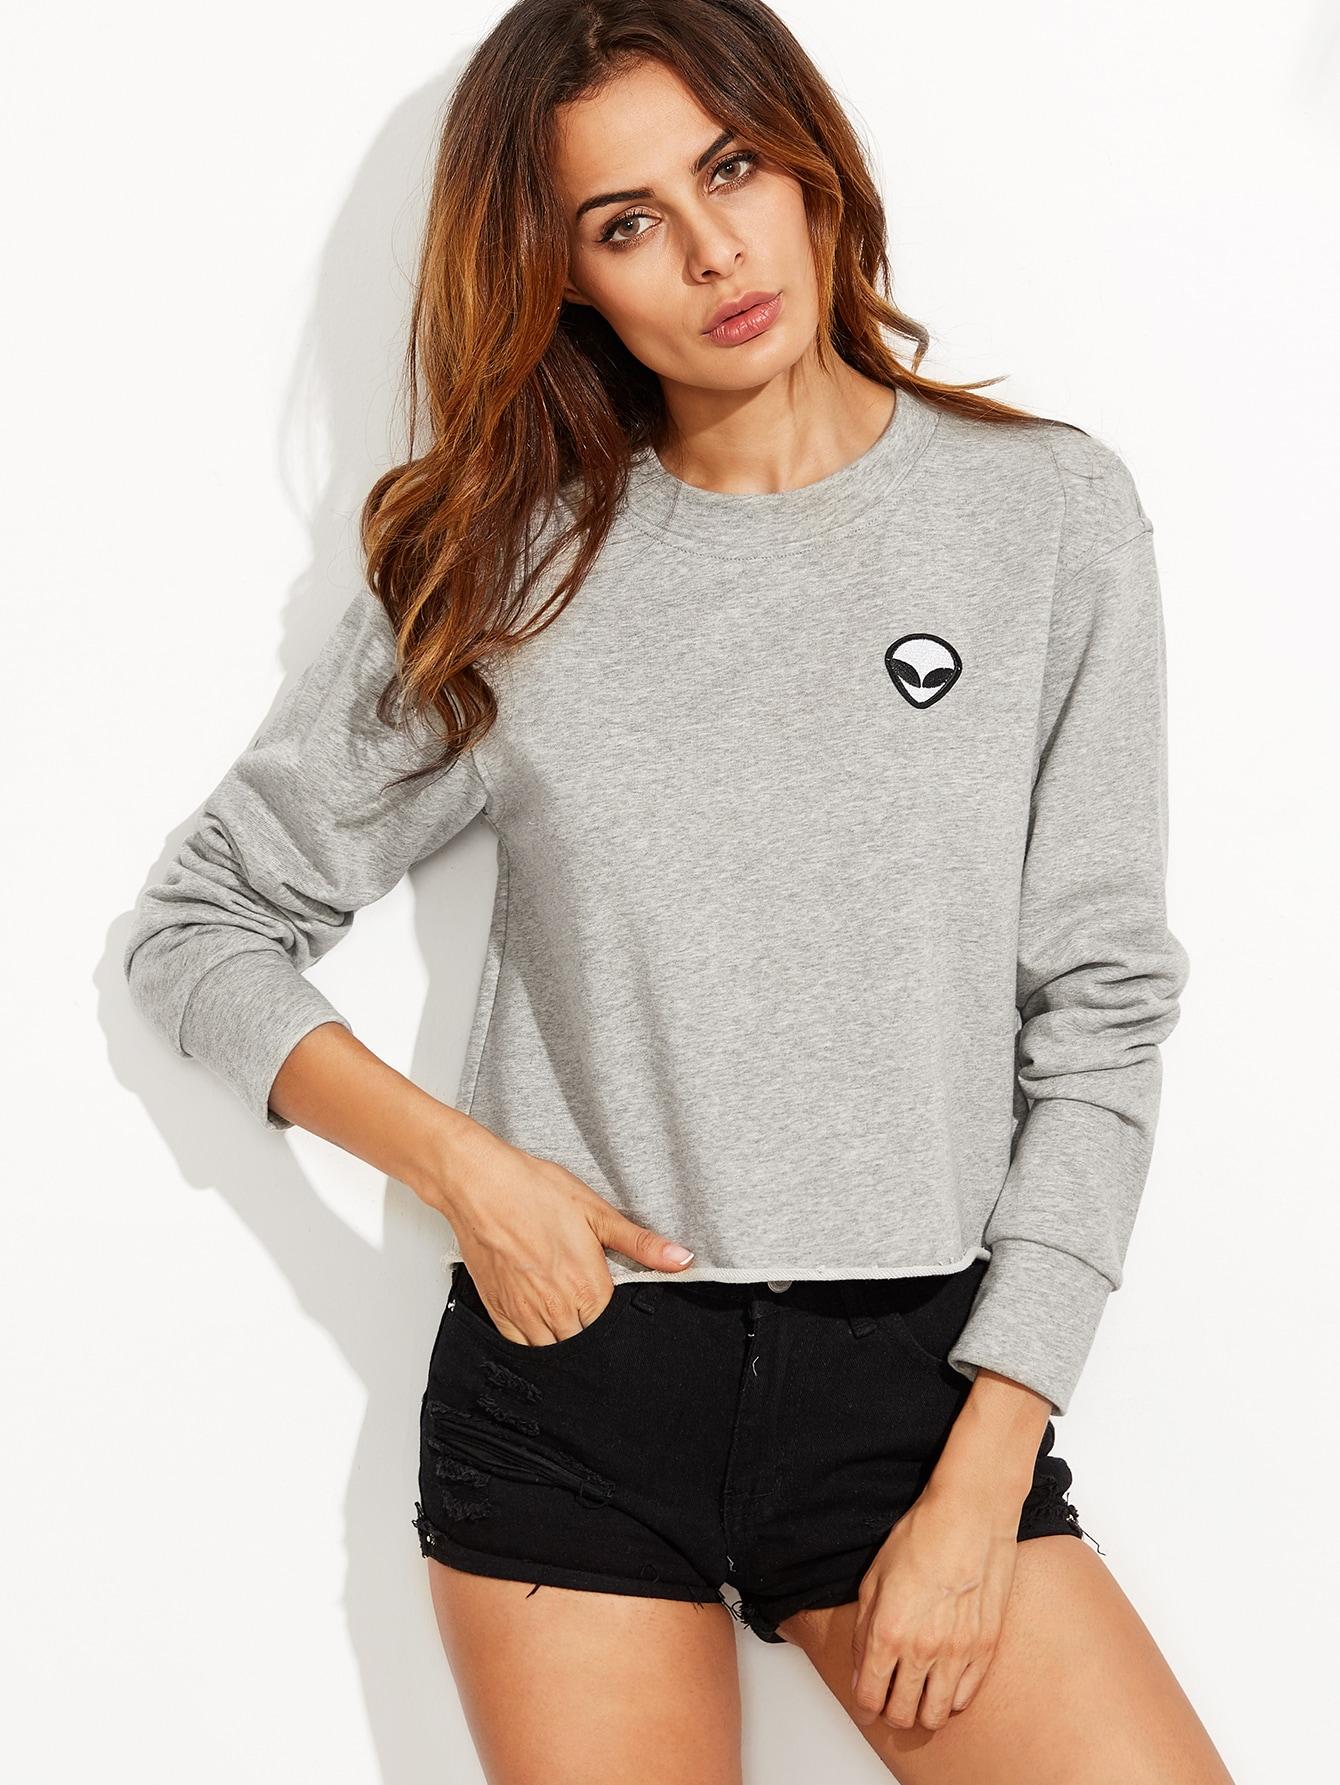 sweatshirt160815702_2